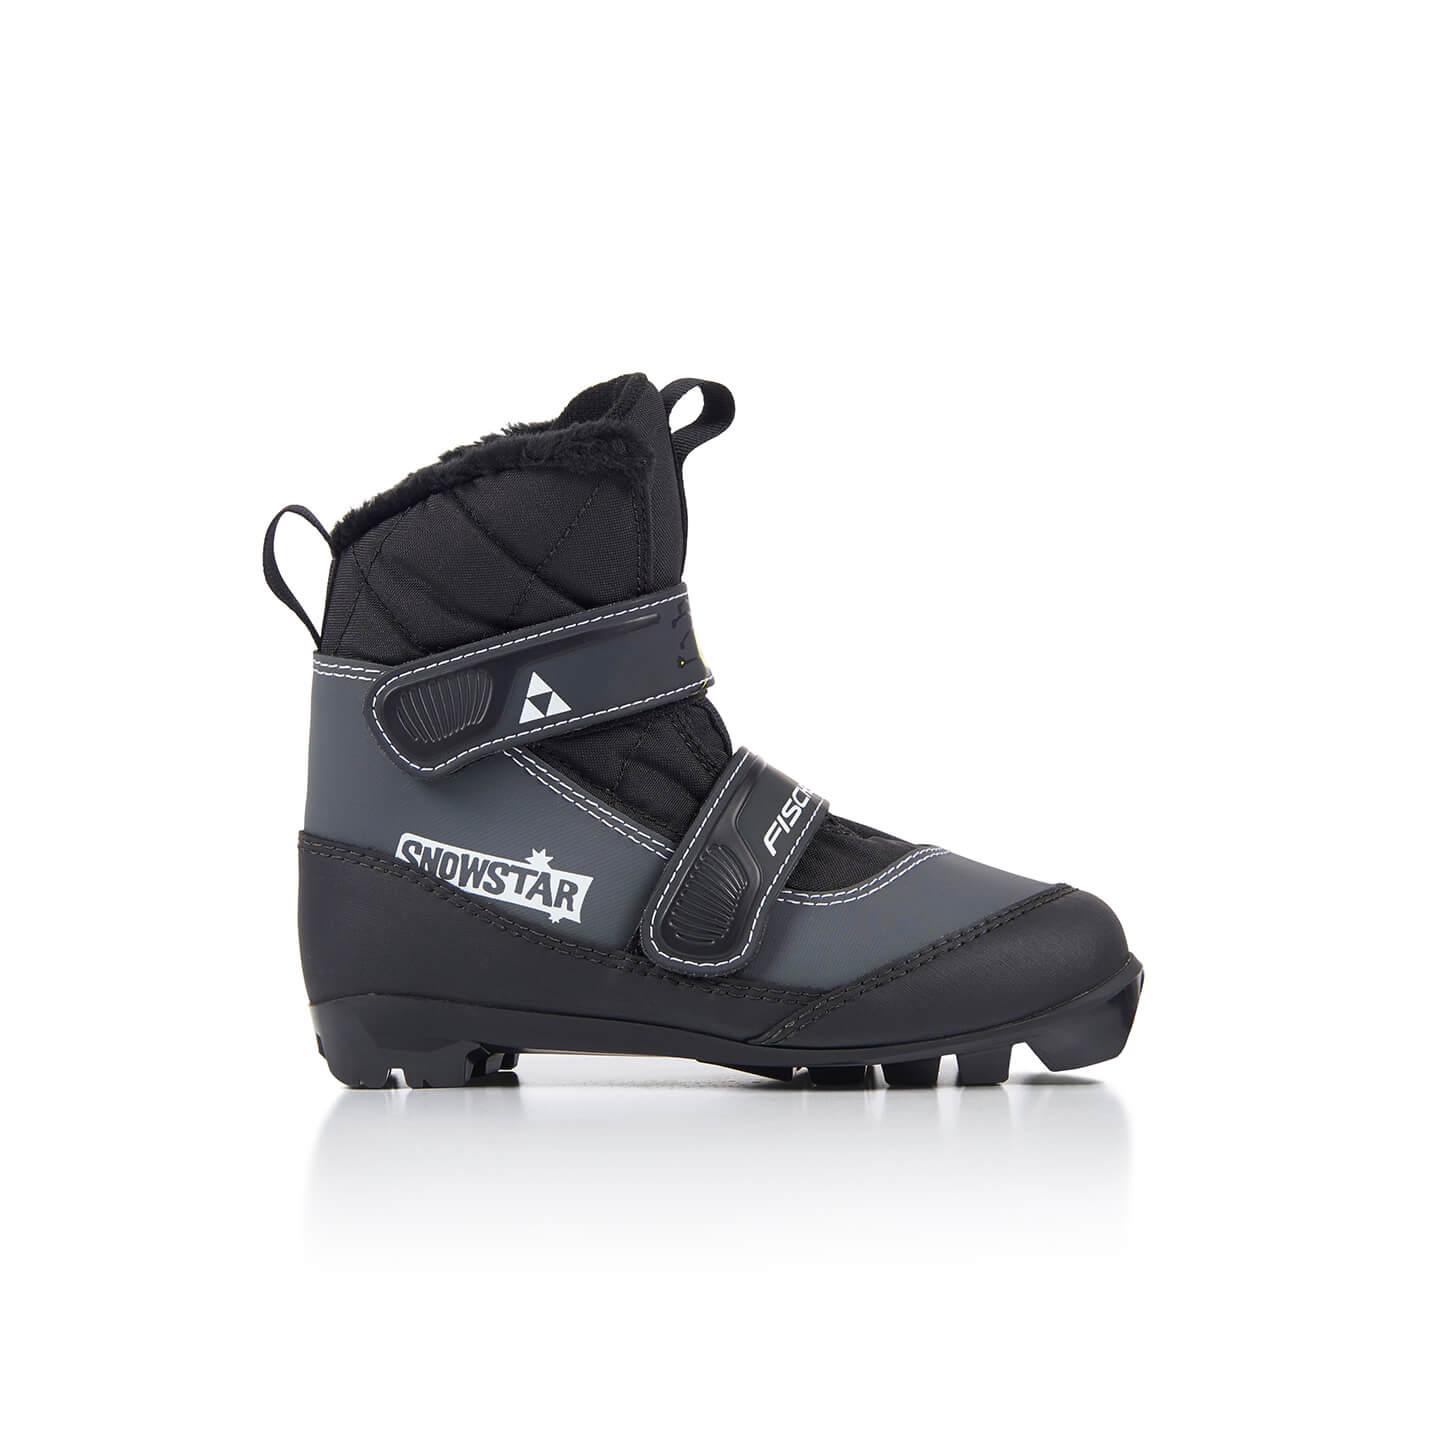 Boty na běžky Fischer SNOWSTAR BLACK 20/21 Barva: černá, Velikost: 26